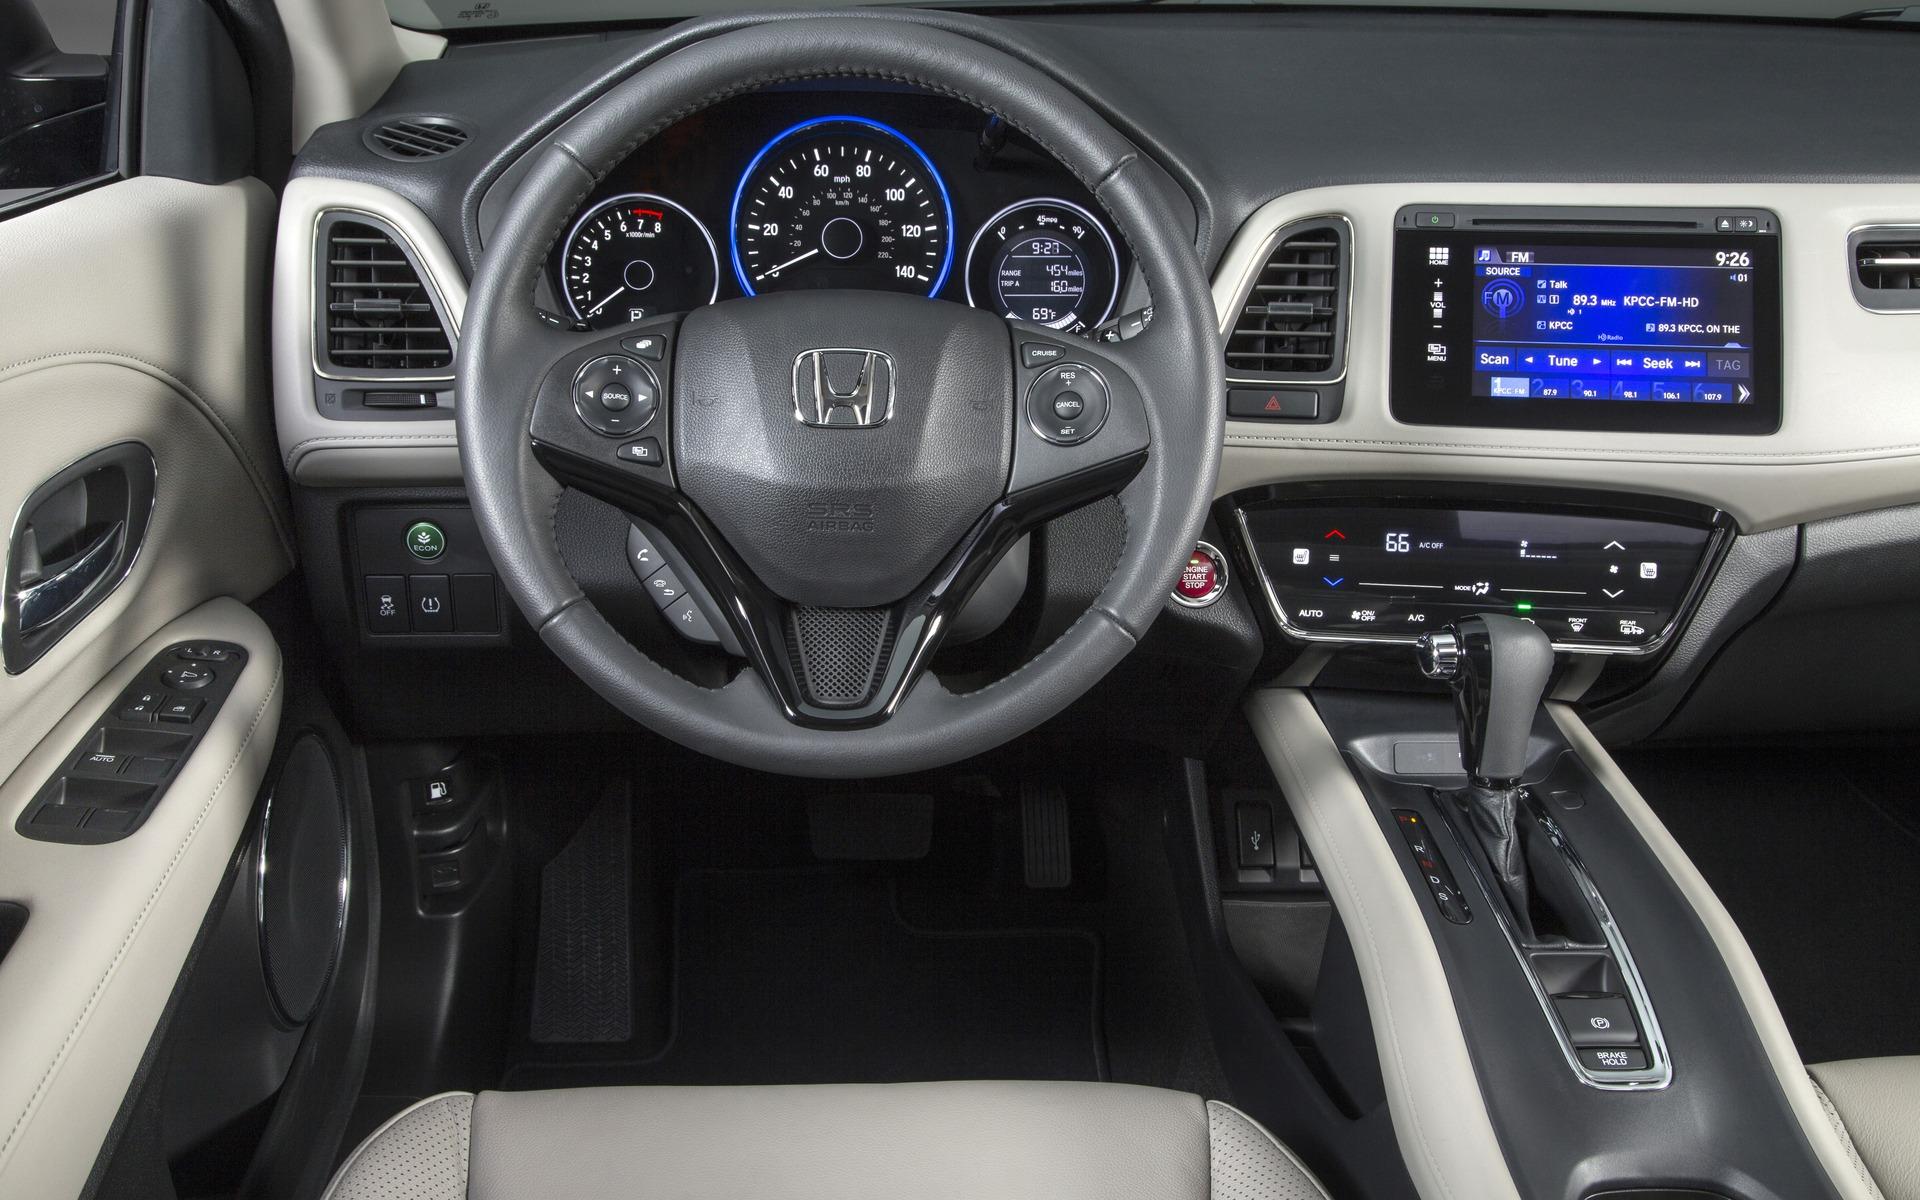 Honda HR-V 2016 - Volant multifonctions et écran tactile en couleur.